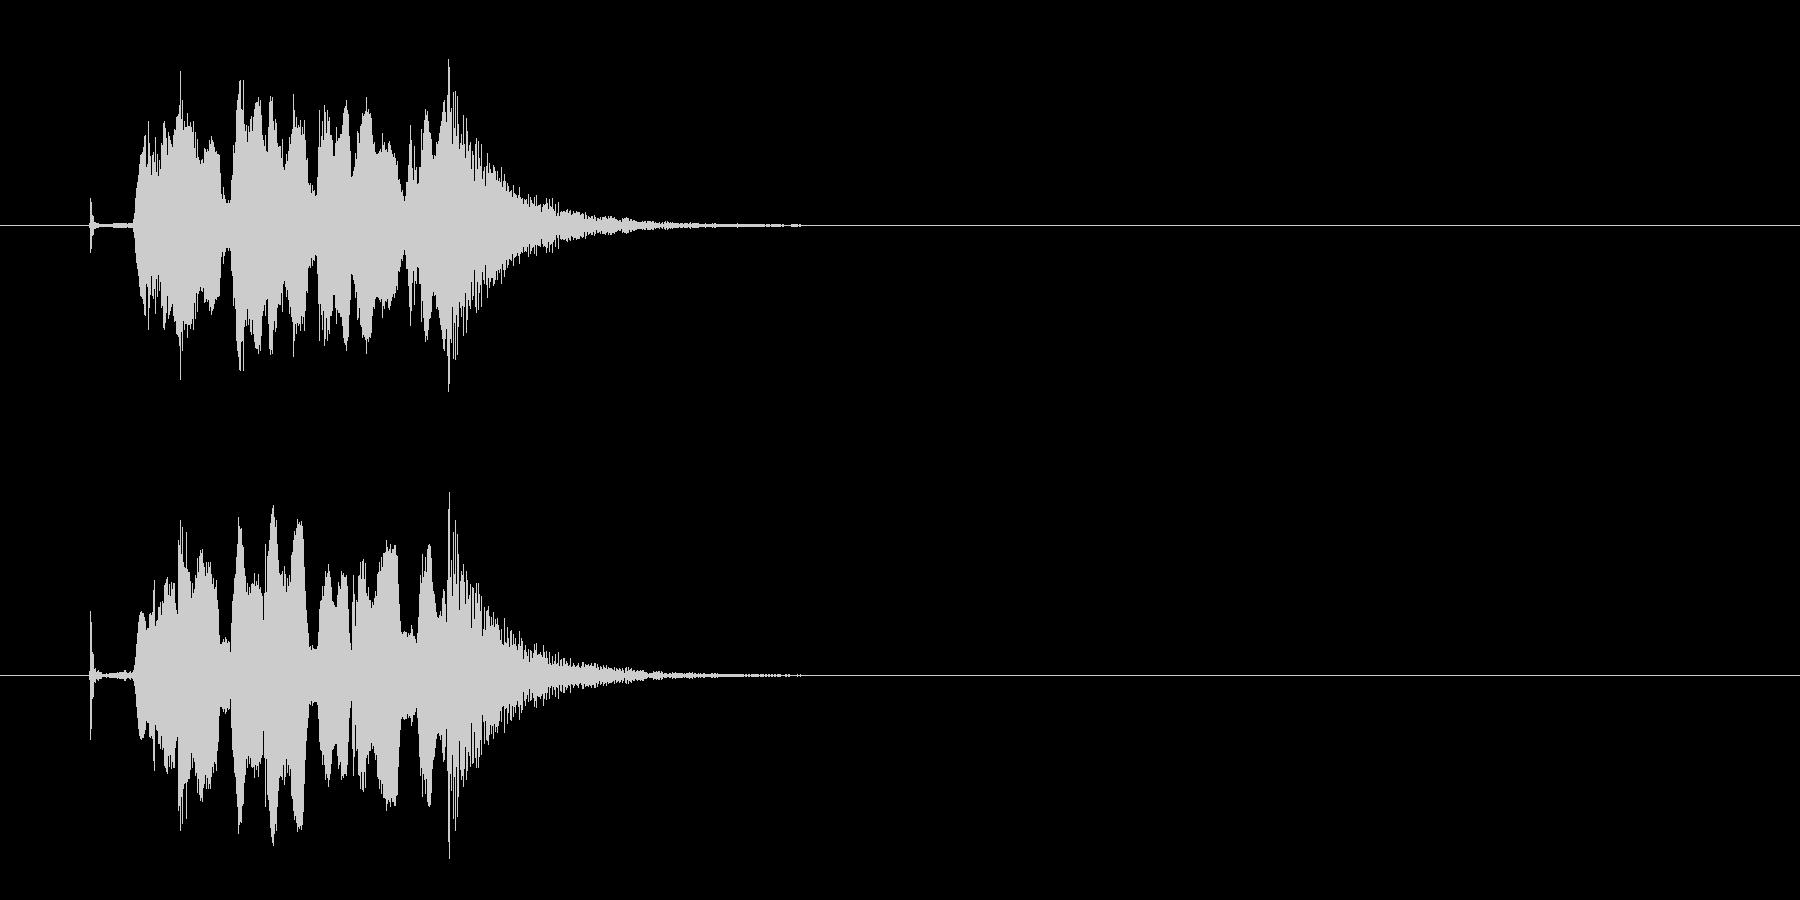 コミカル クイズ 不正解 時間切れの未再生の波形